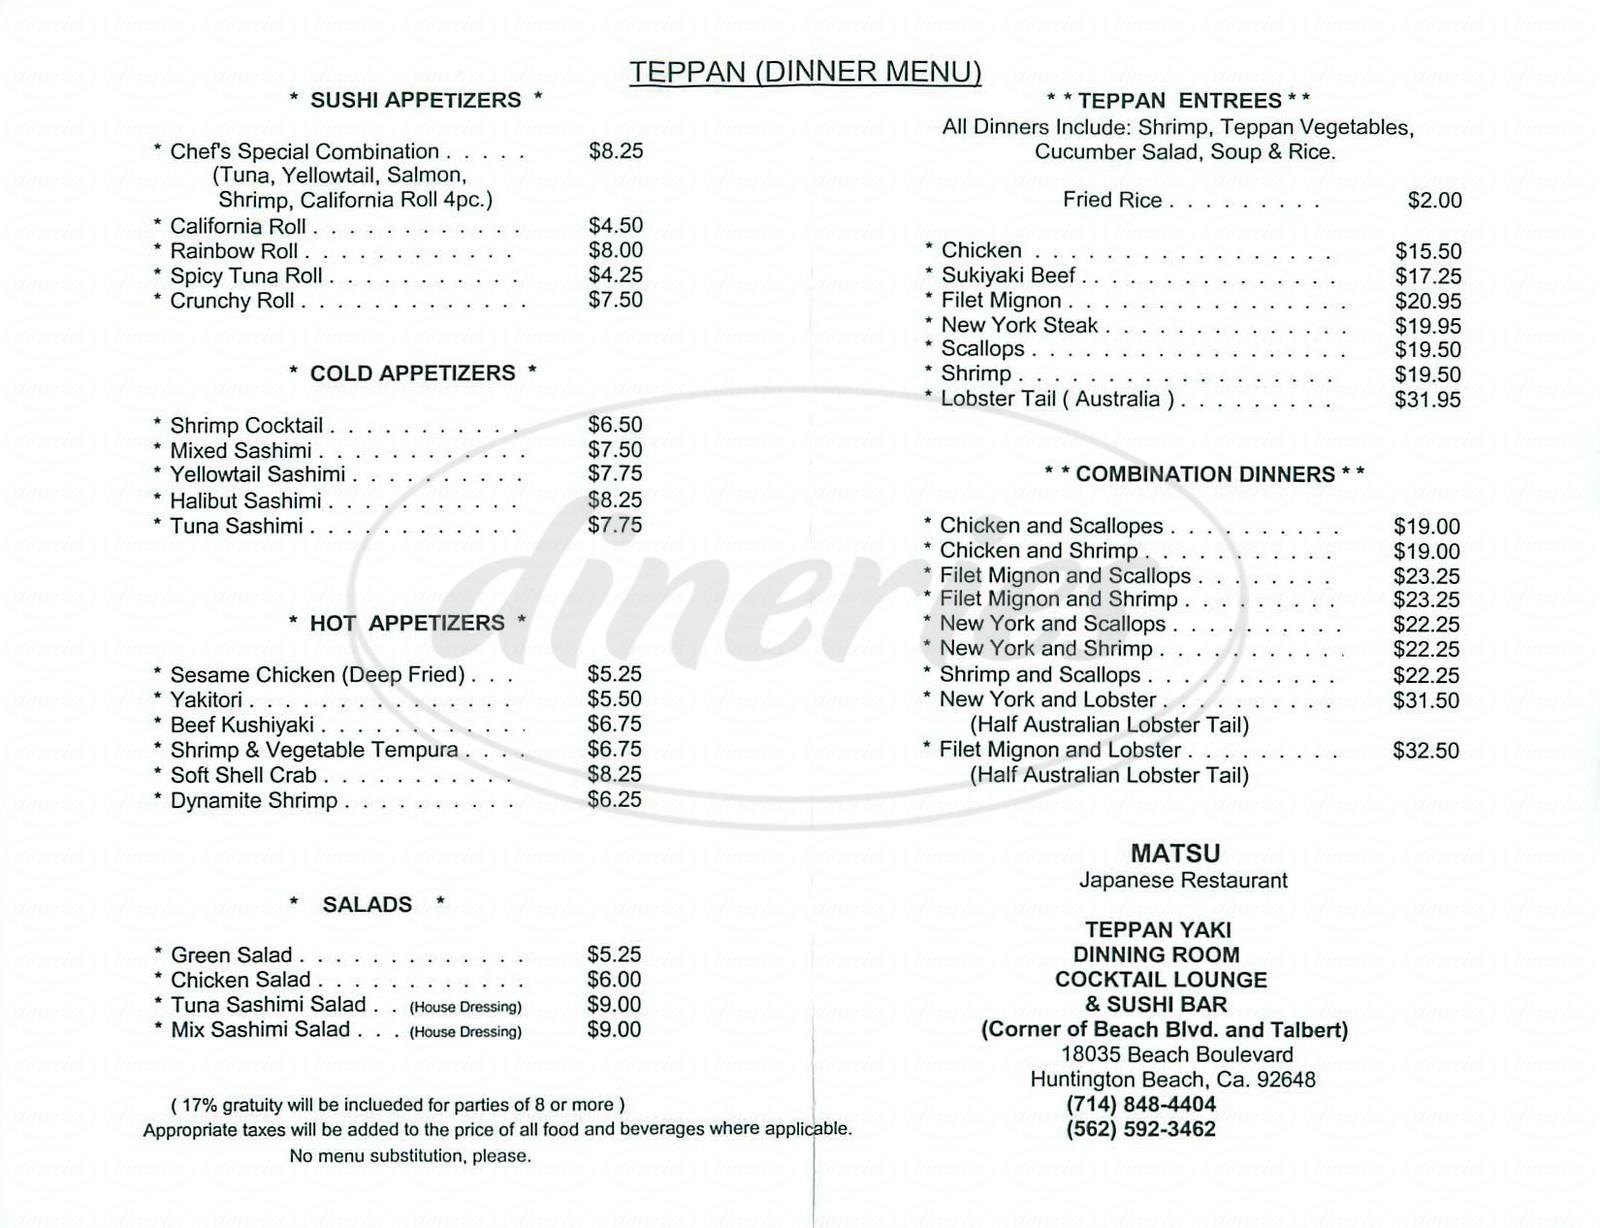 menu for Matsu